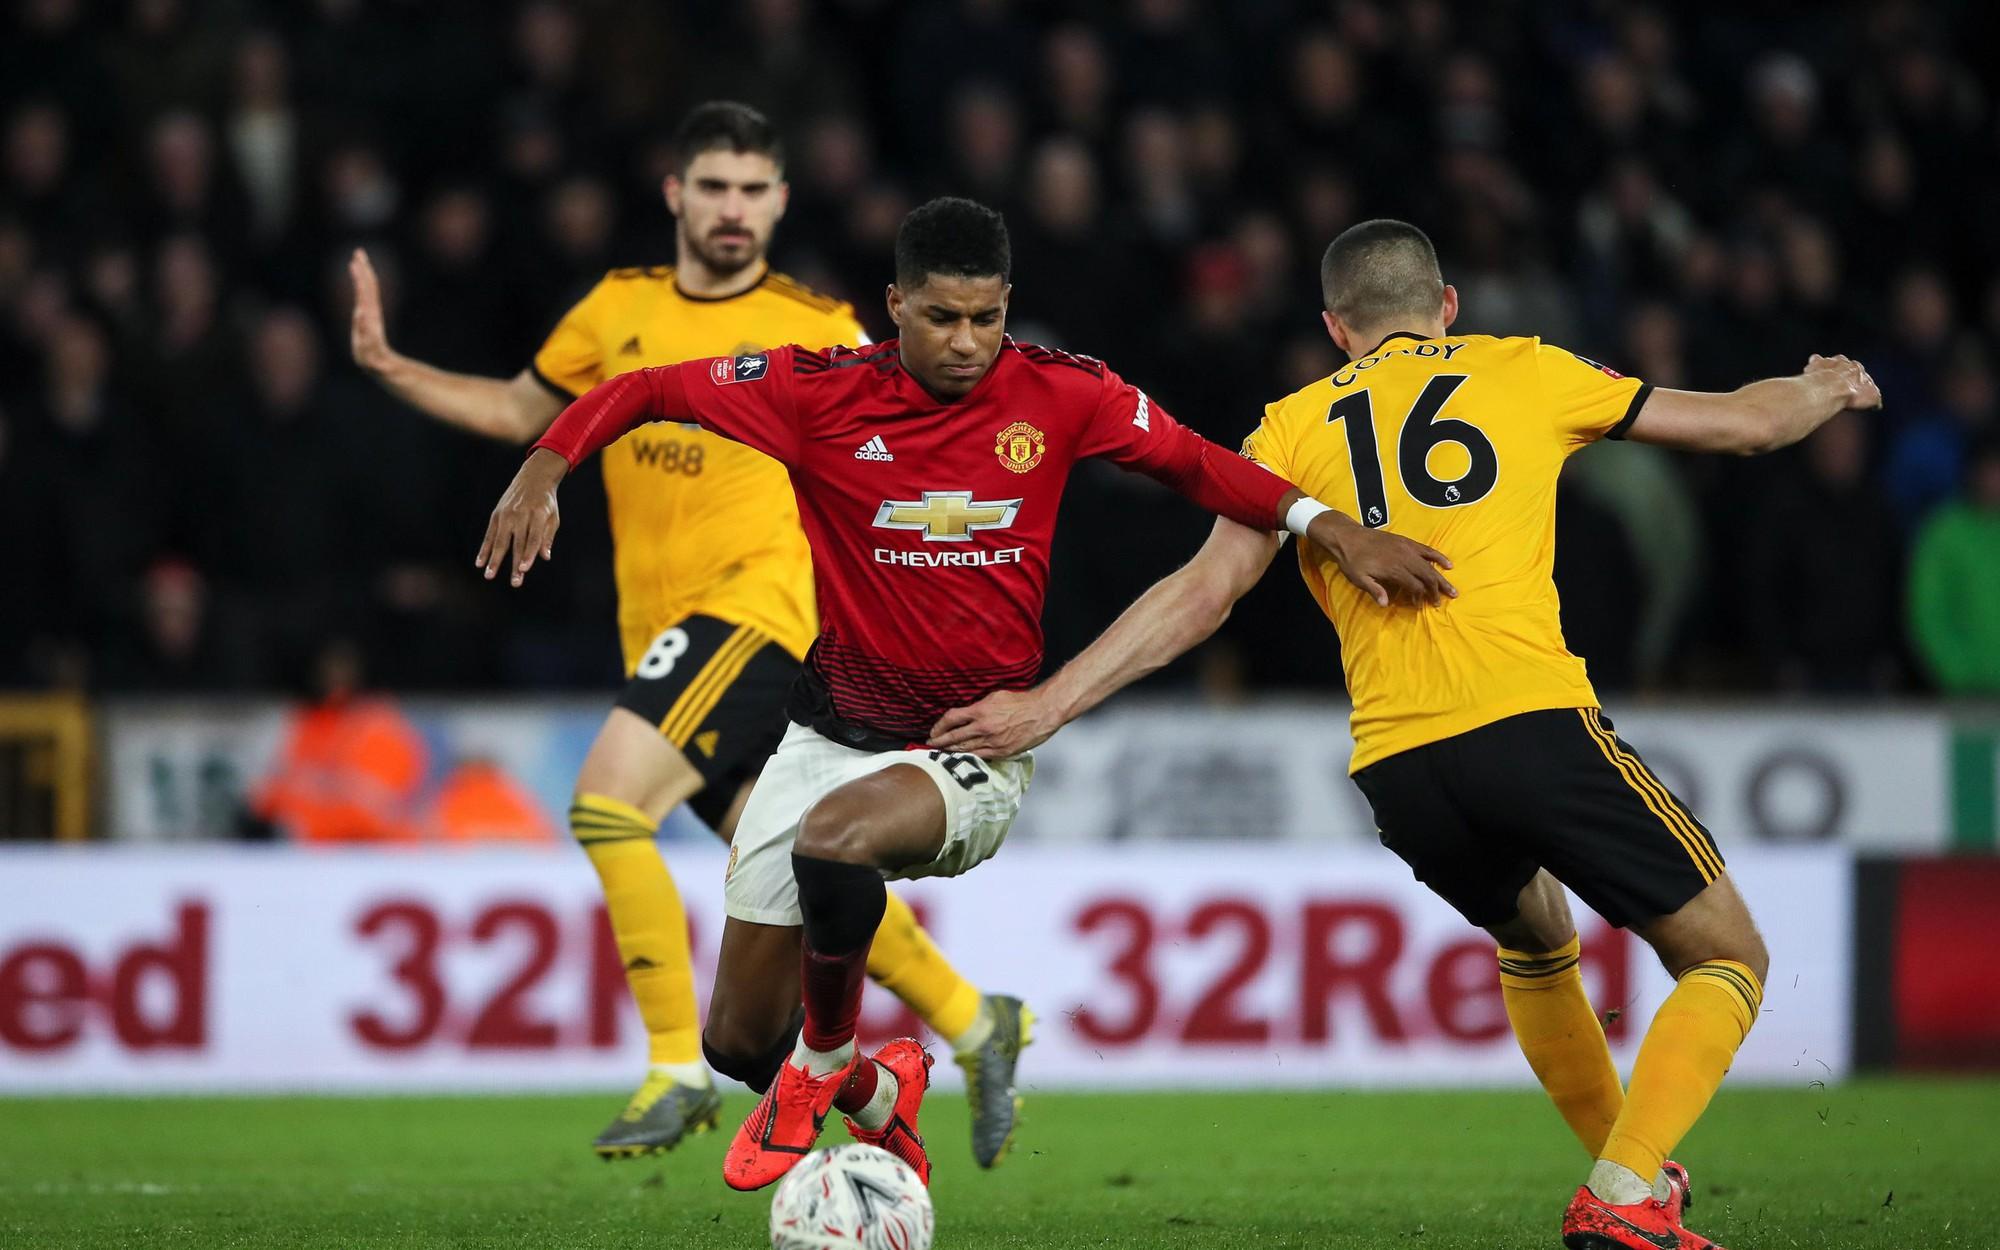 Soi kèo Man Utd vs Wolves, 0h30 ngày 2/2